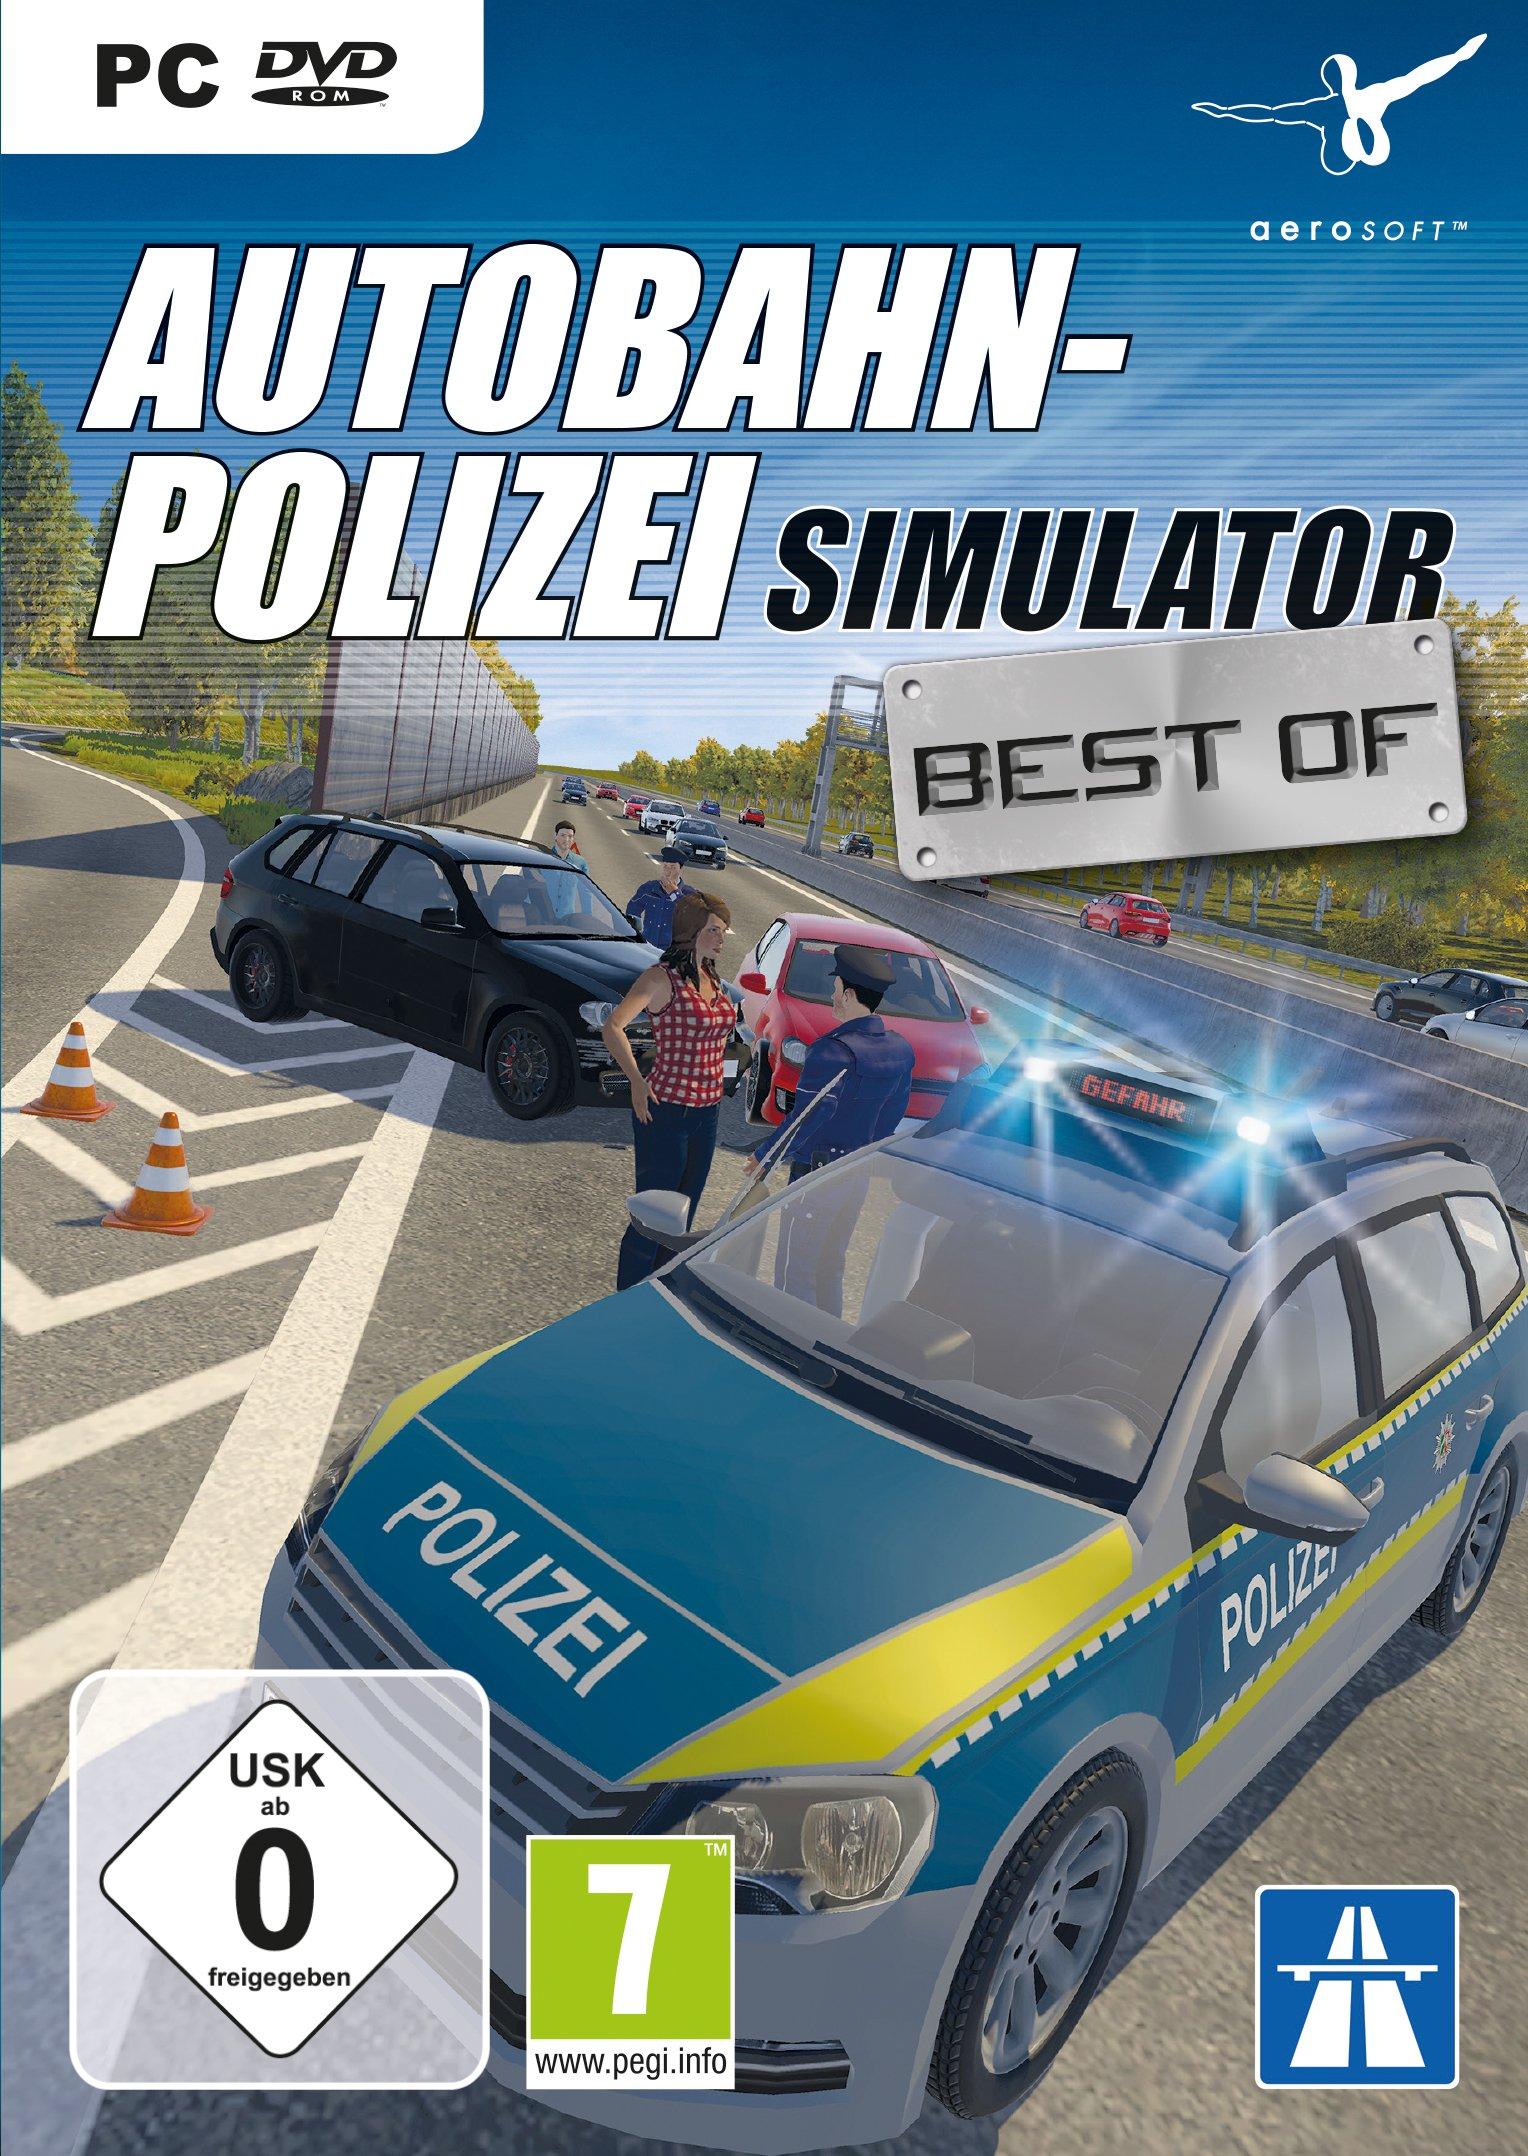 autobahnpolizei simulator